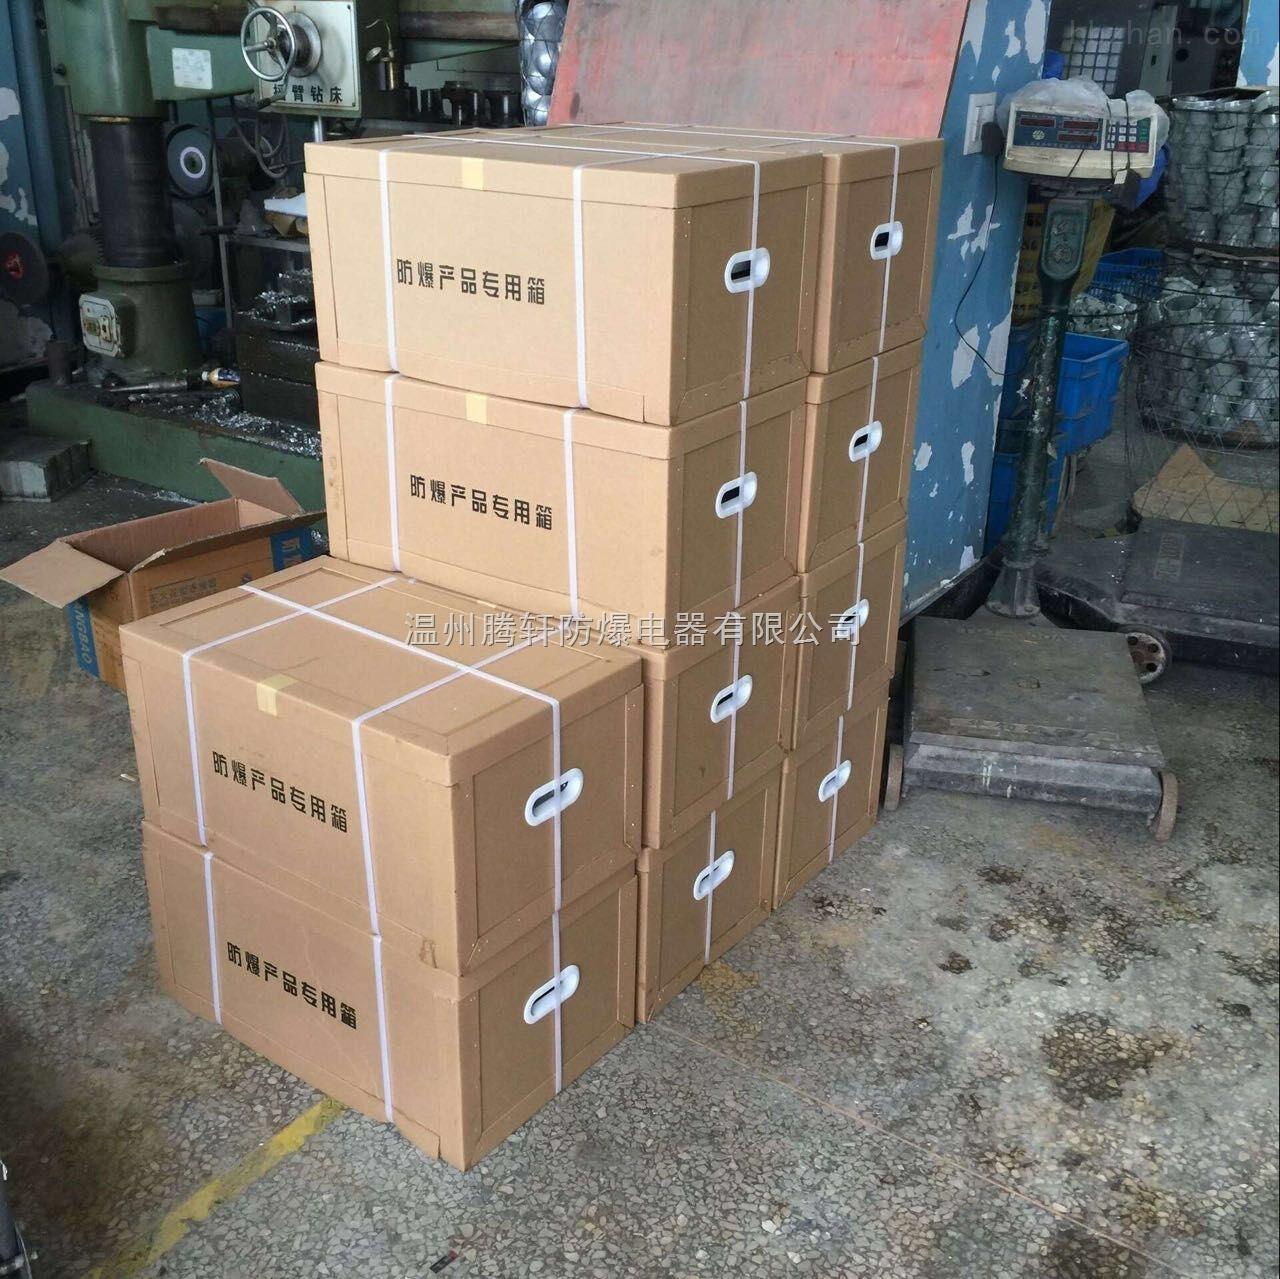 电机正反转防爆配电箱-温州腾轩防爆电器有限公司